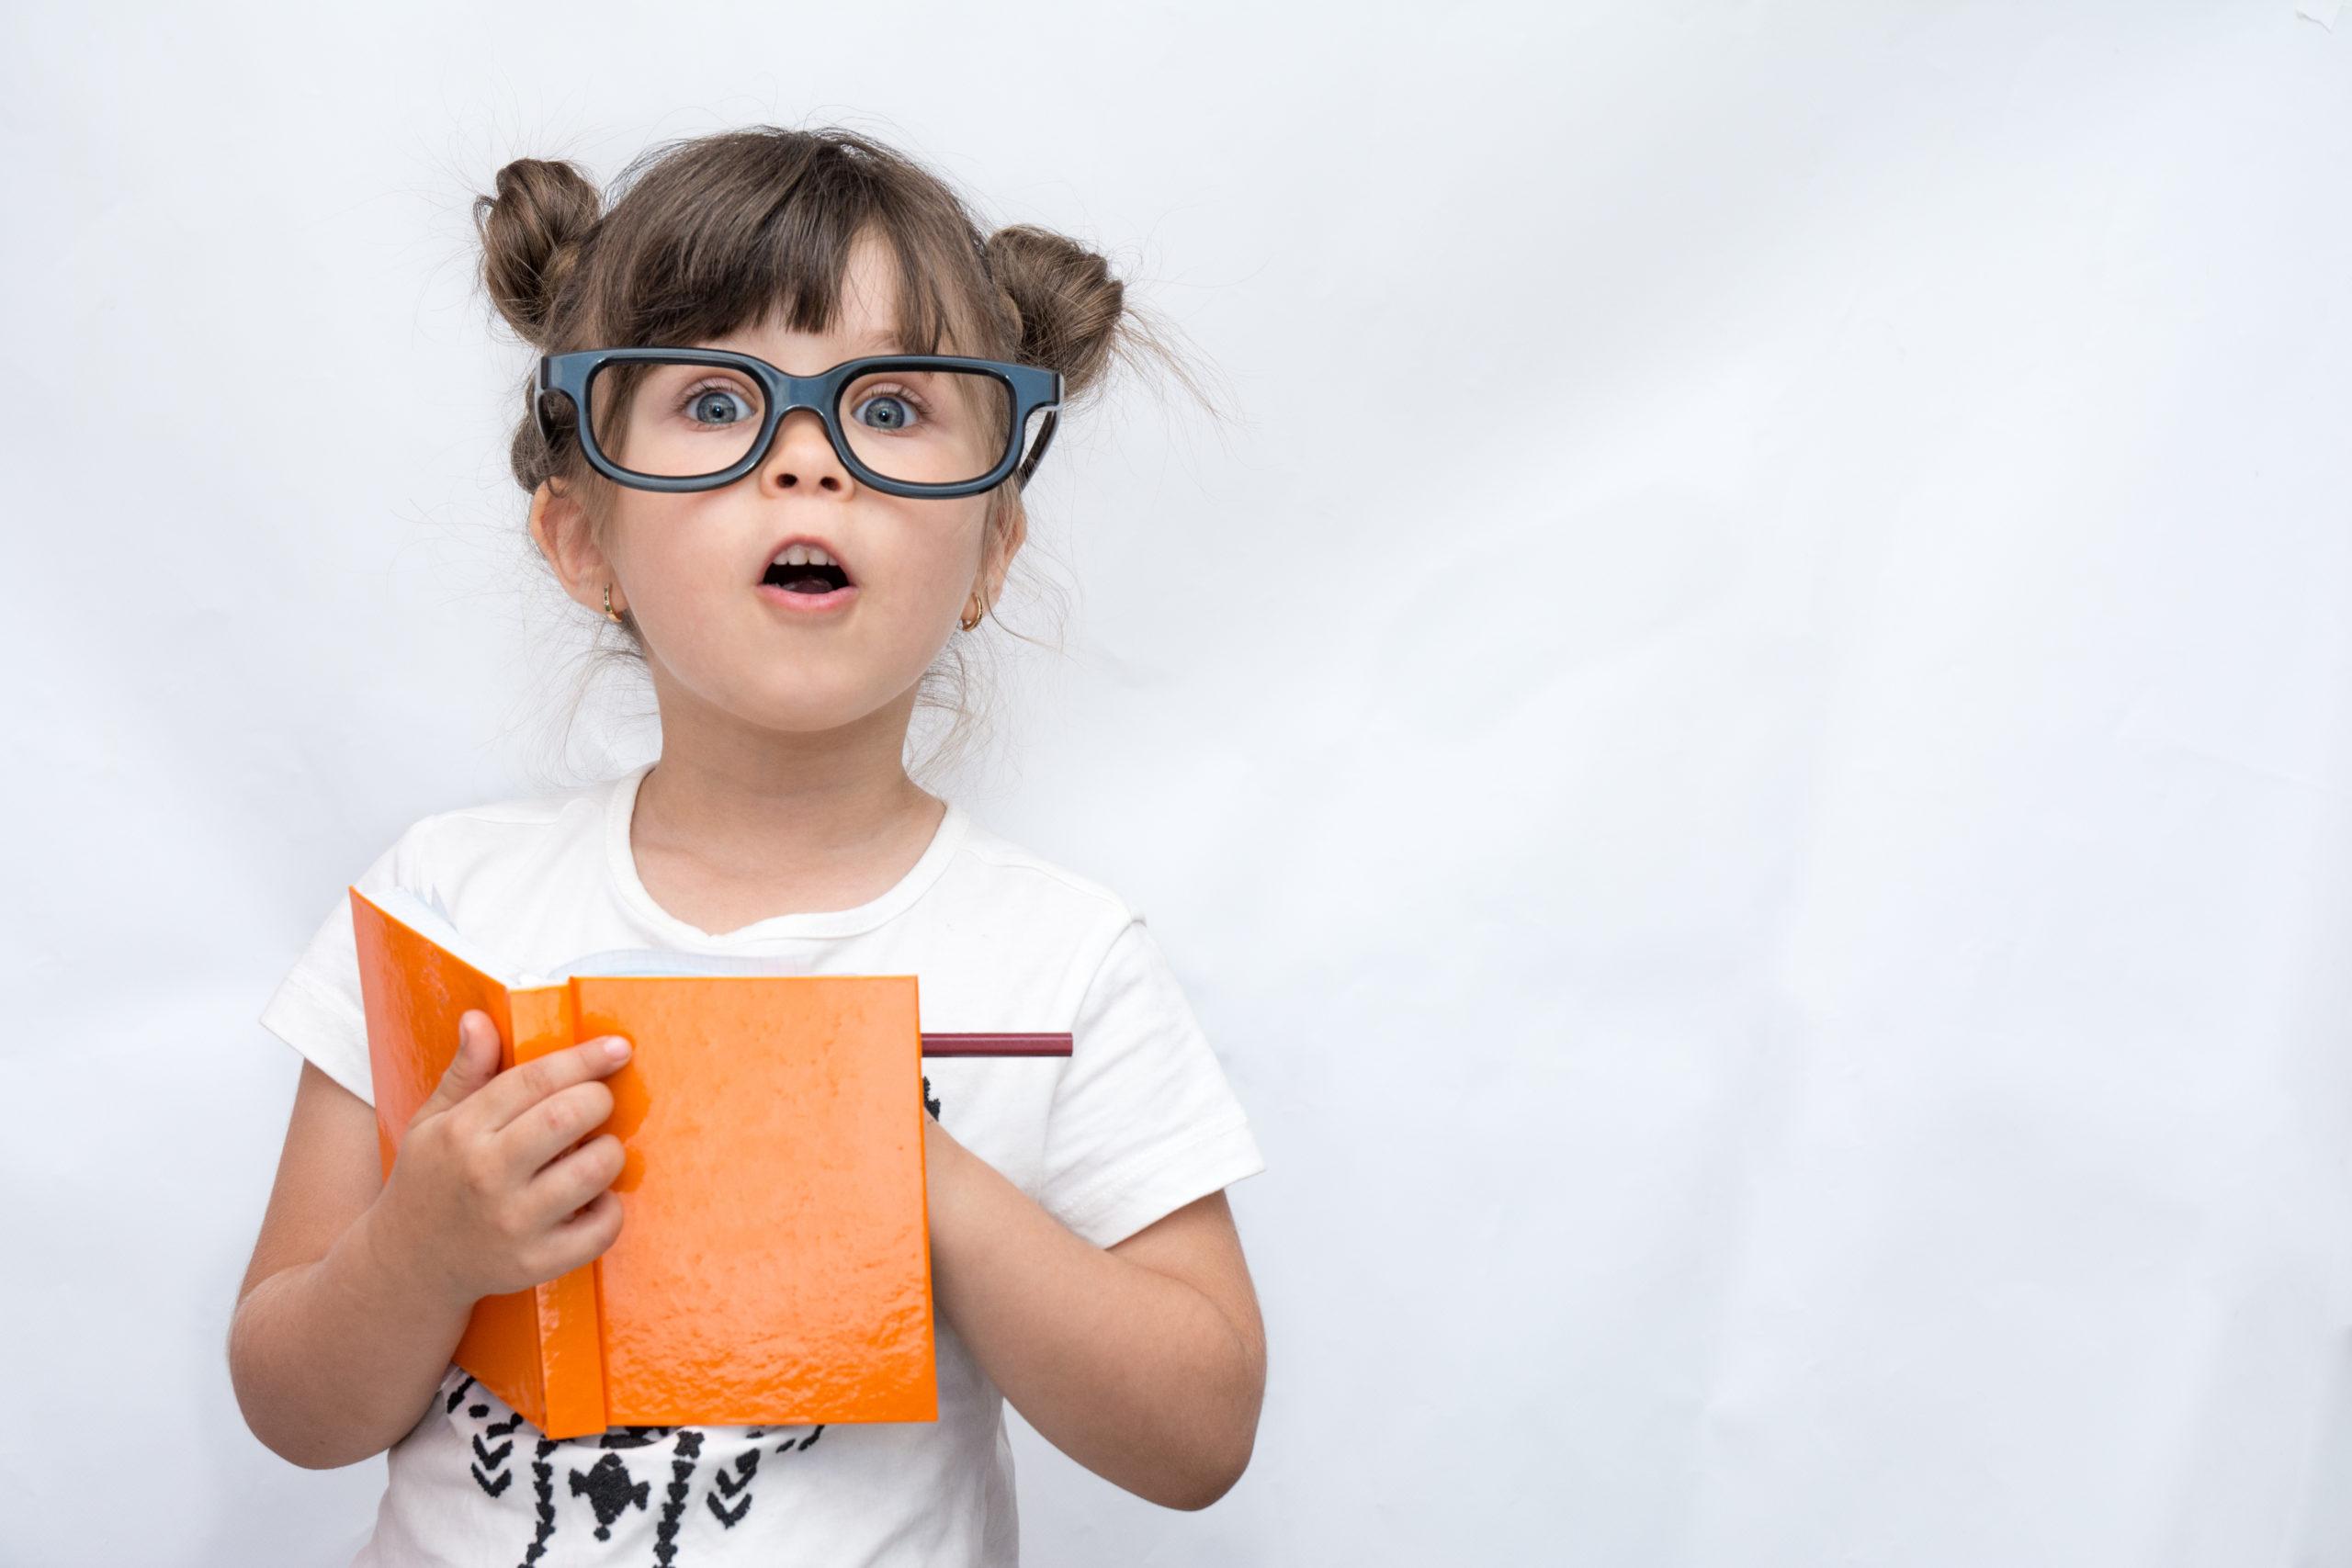 Miopía en niños: ¿por qué ocurre? ¿Cómo puede evitarse? Te lo decimos